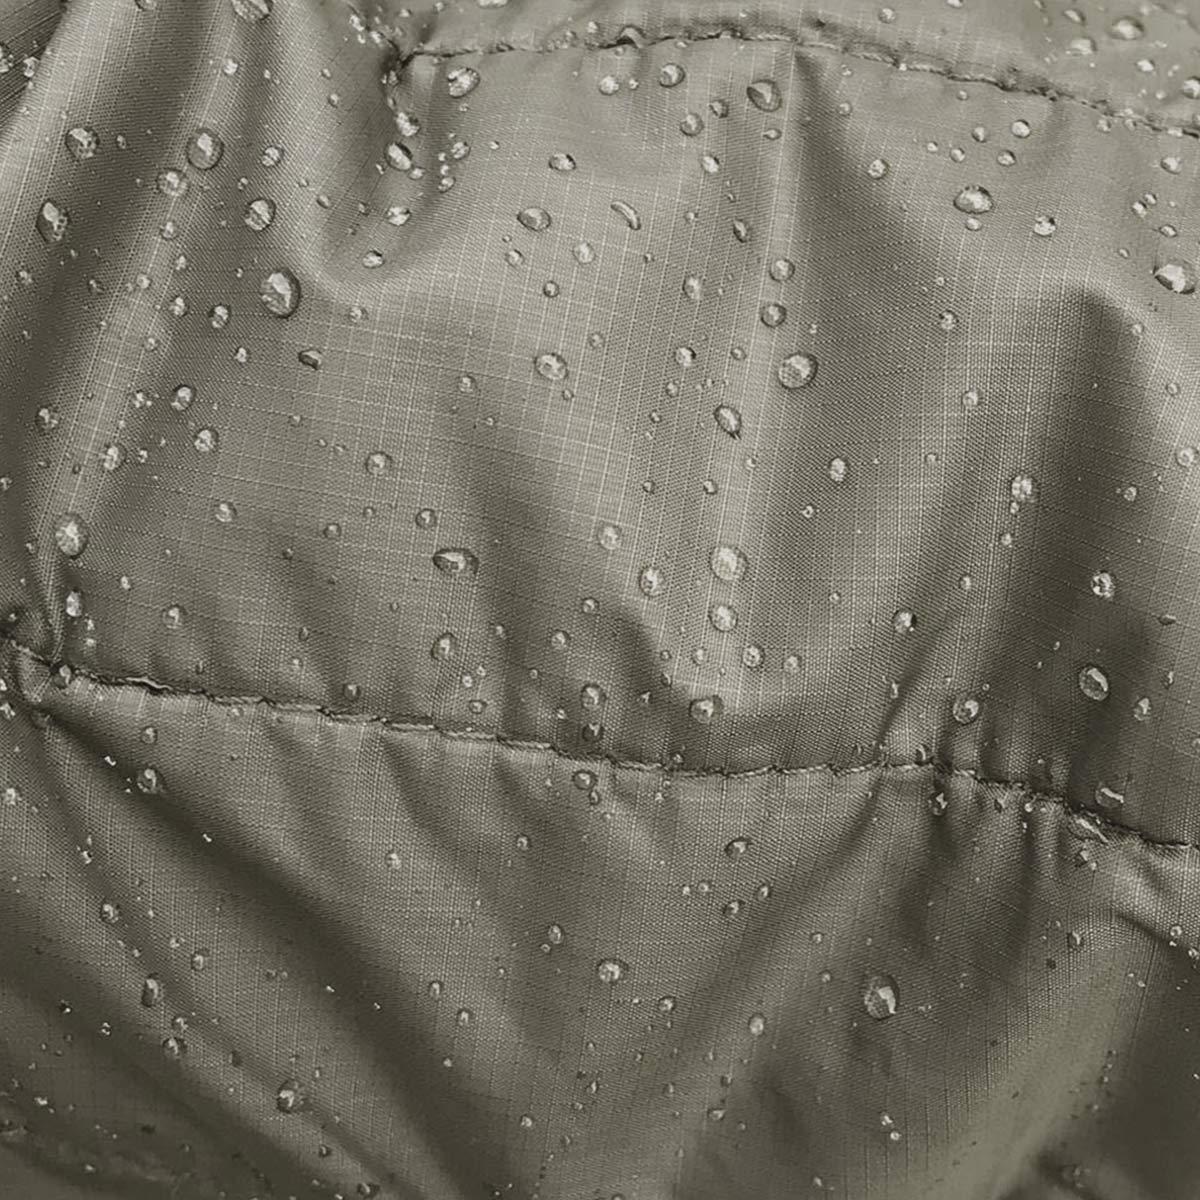 Filson Ultra Light Hooded Jacket Olive Gray, PrimaLoft Gold's überzeugende Leistung, es behält 98% seiner Isolierfähigkeit, wenn es nass ist